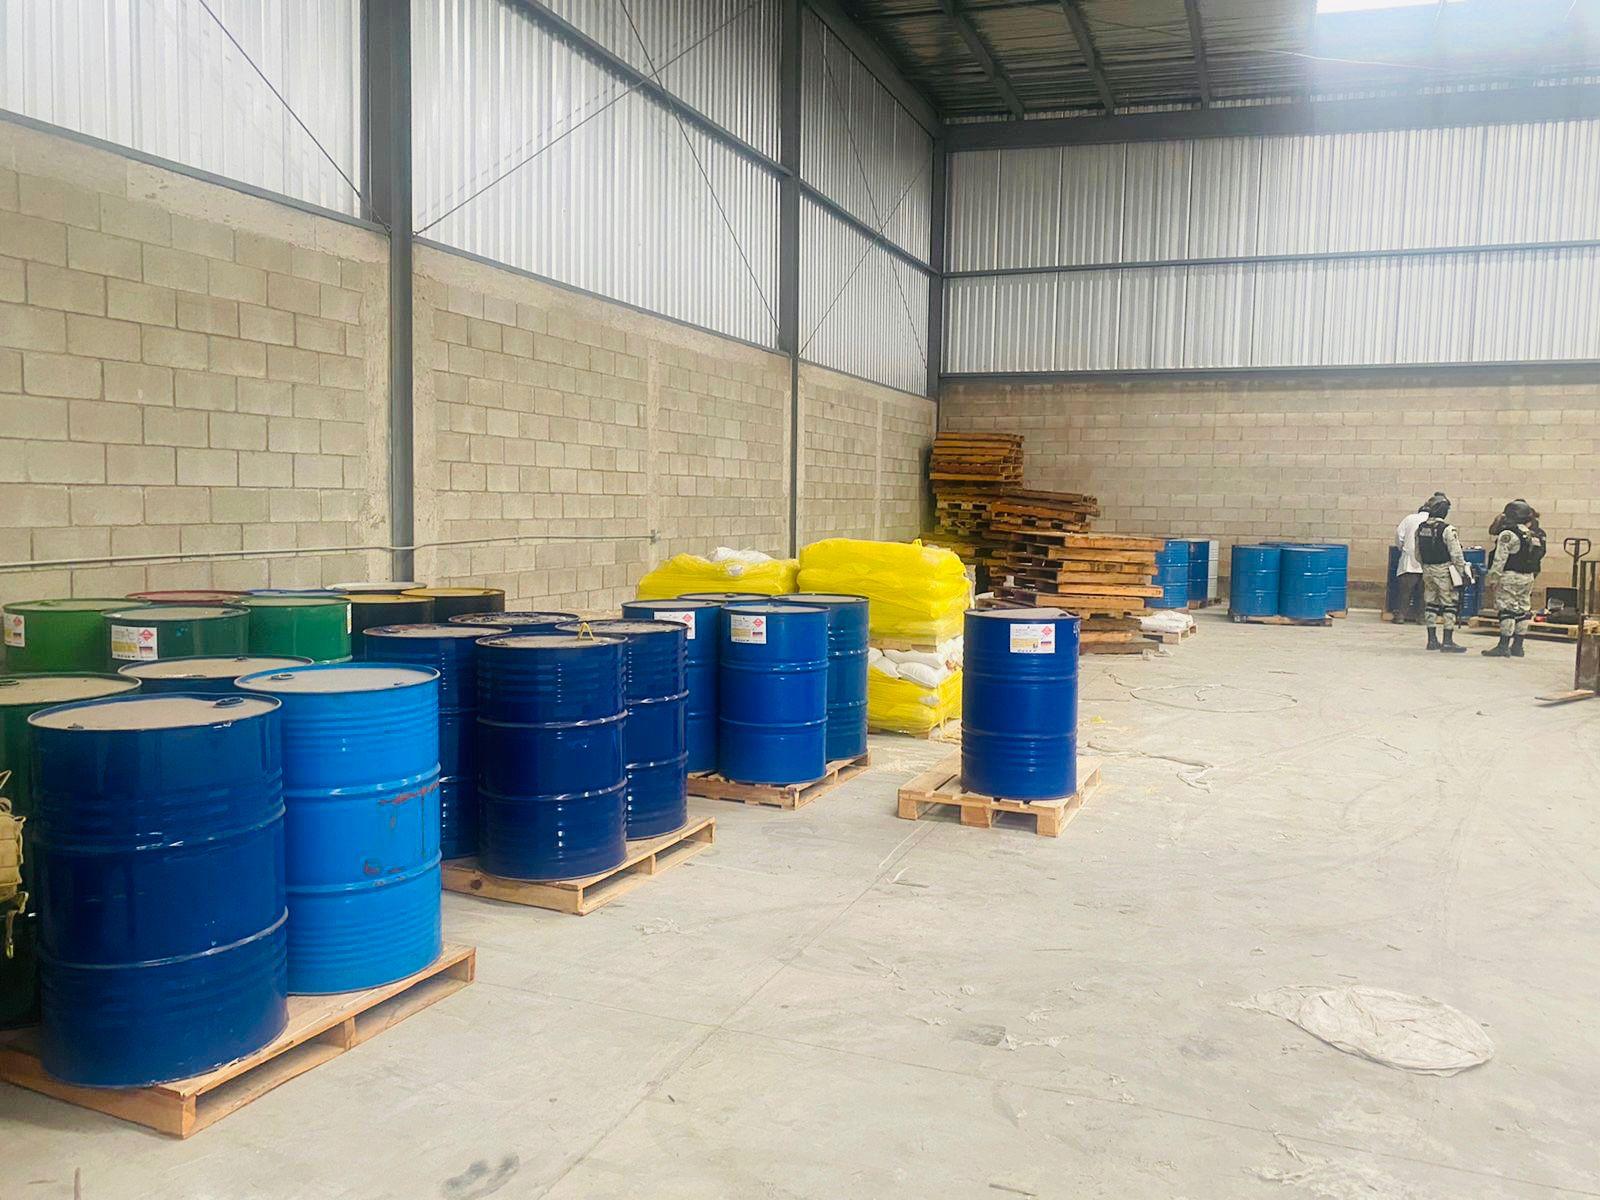 Aseguran más de 10 toneladas de precursores químicos